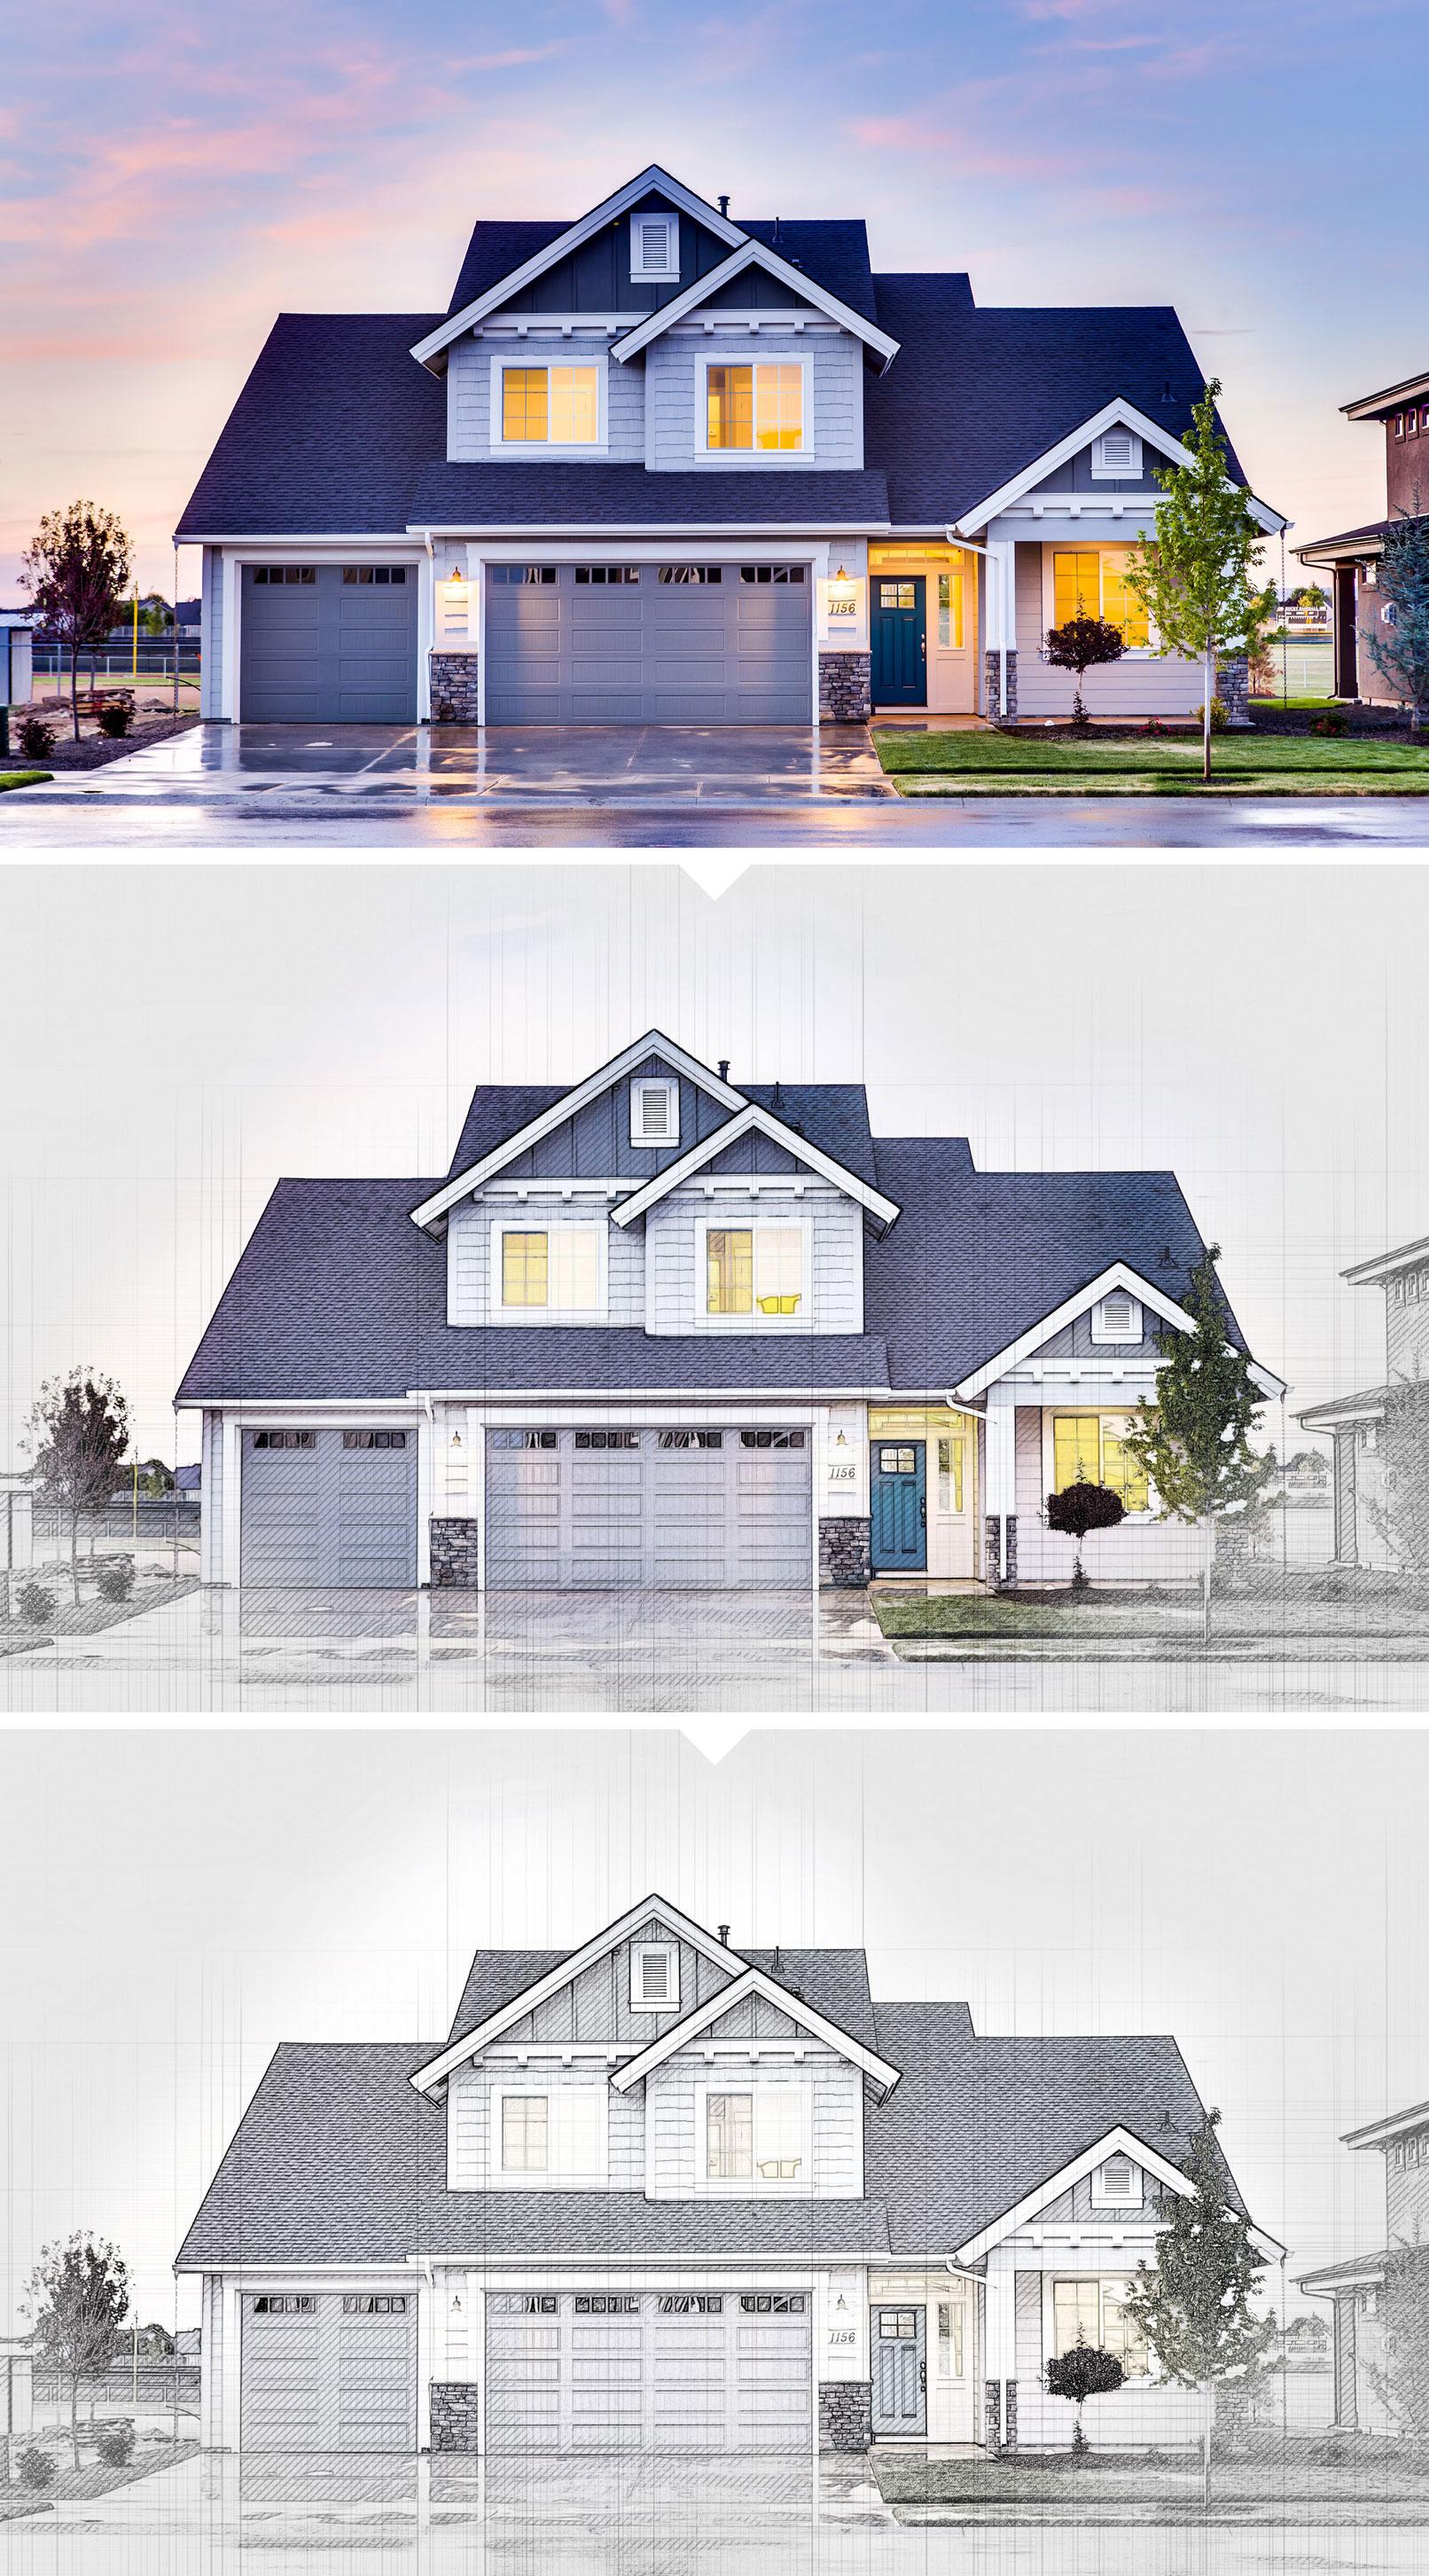 Beispiel zur Photoshop-Aktion Architektur - Gebäude im Skizzen-Look